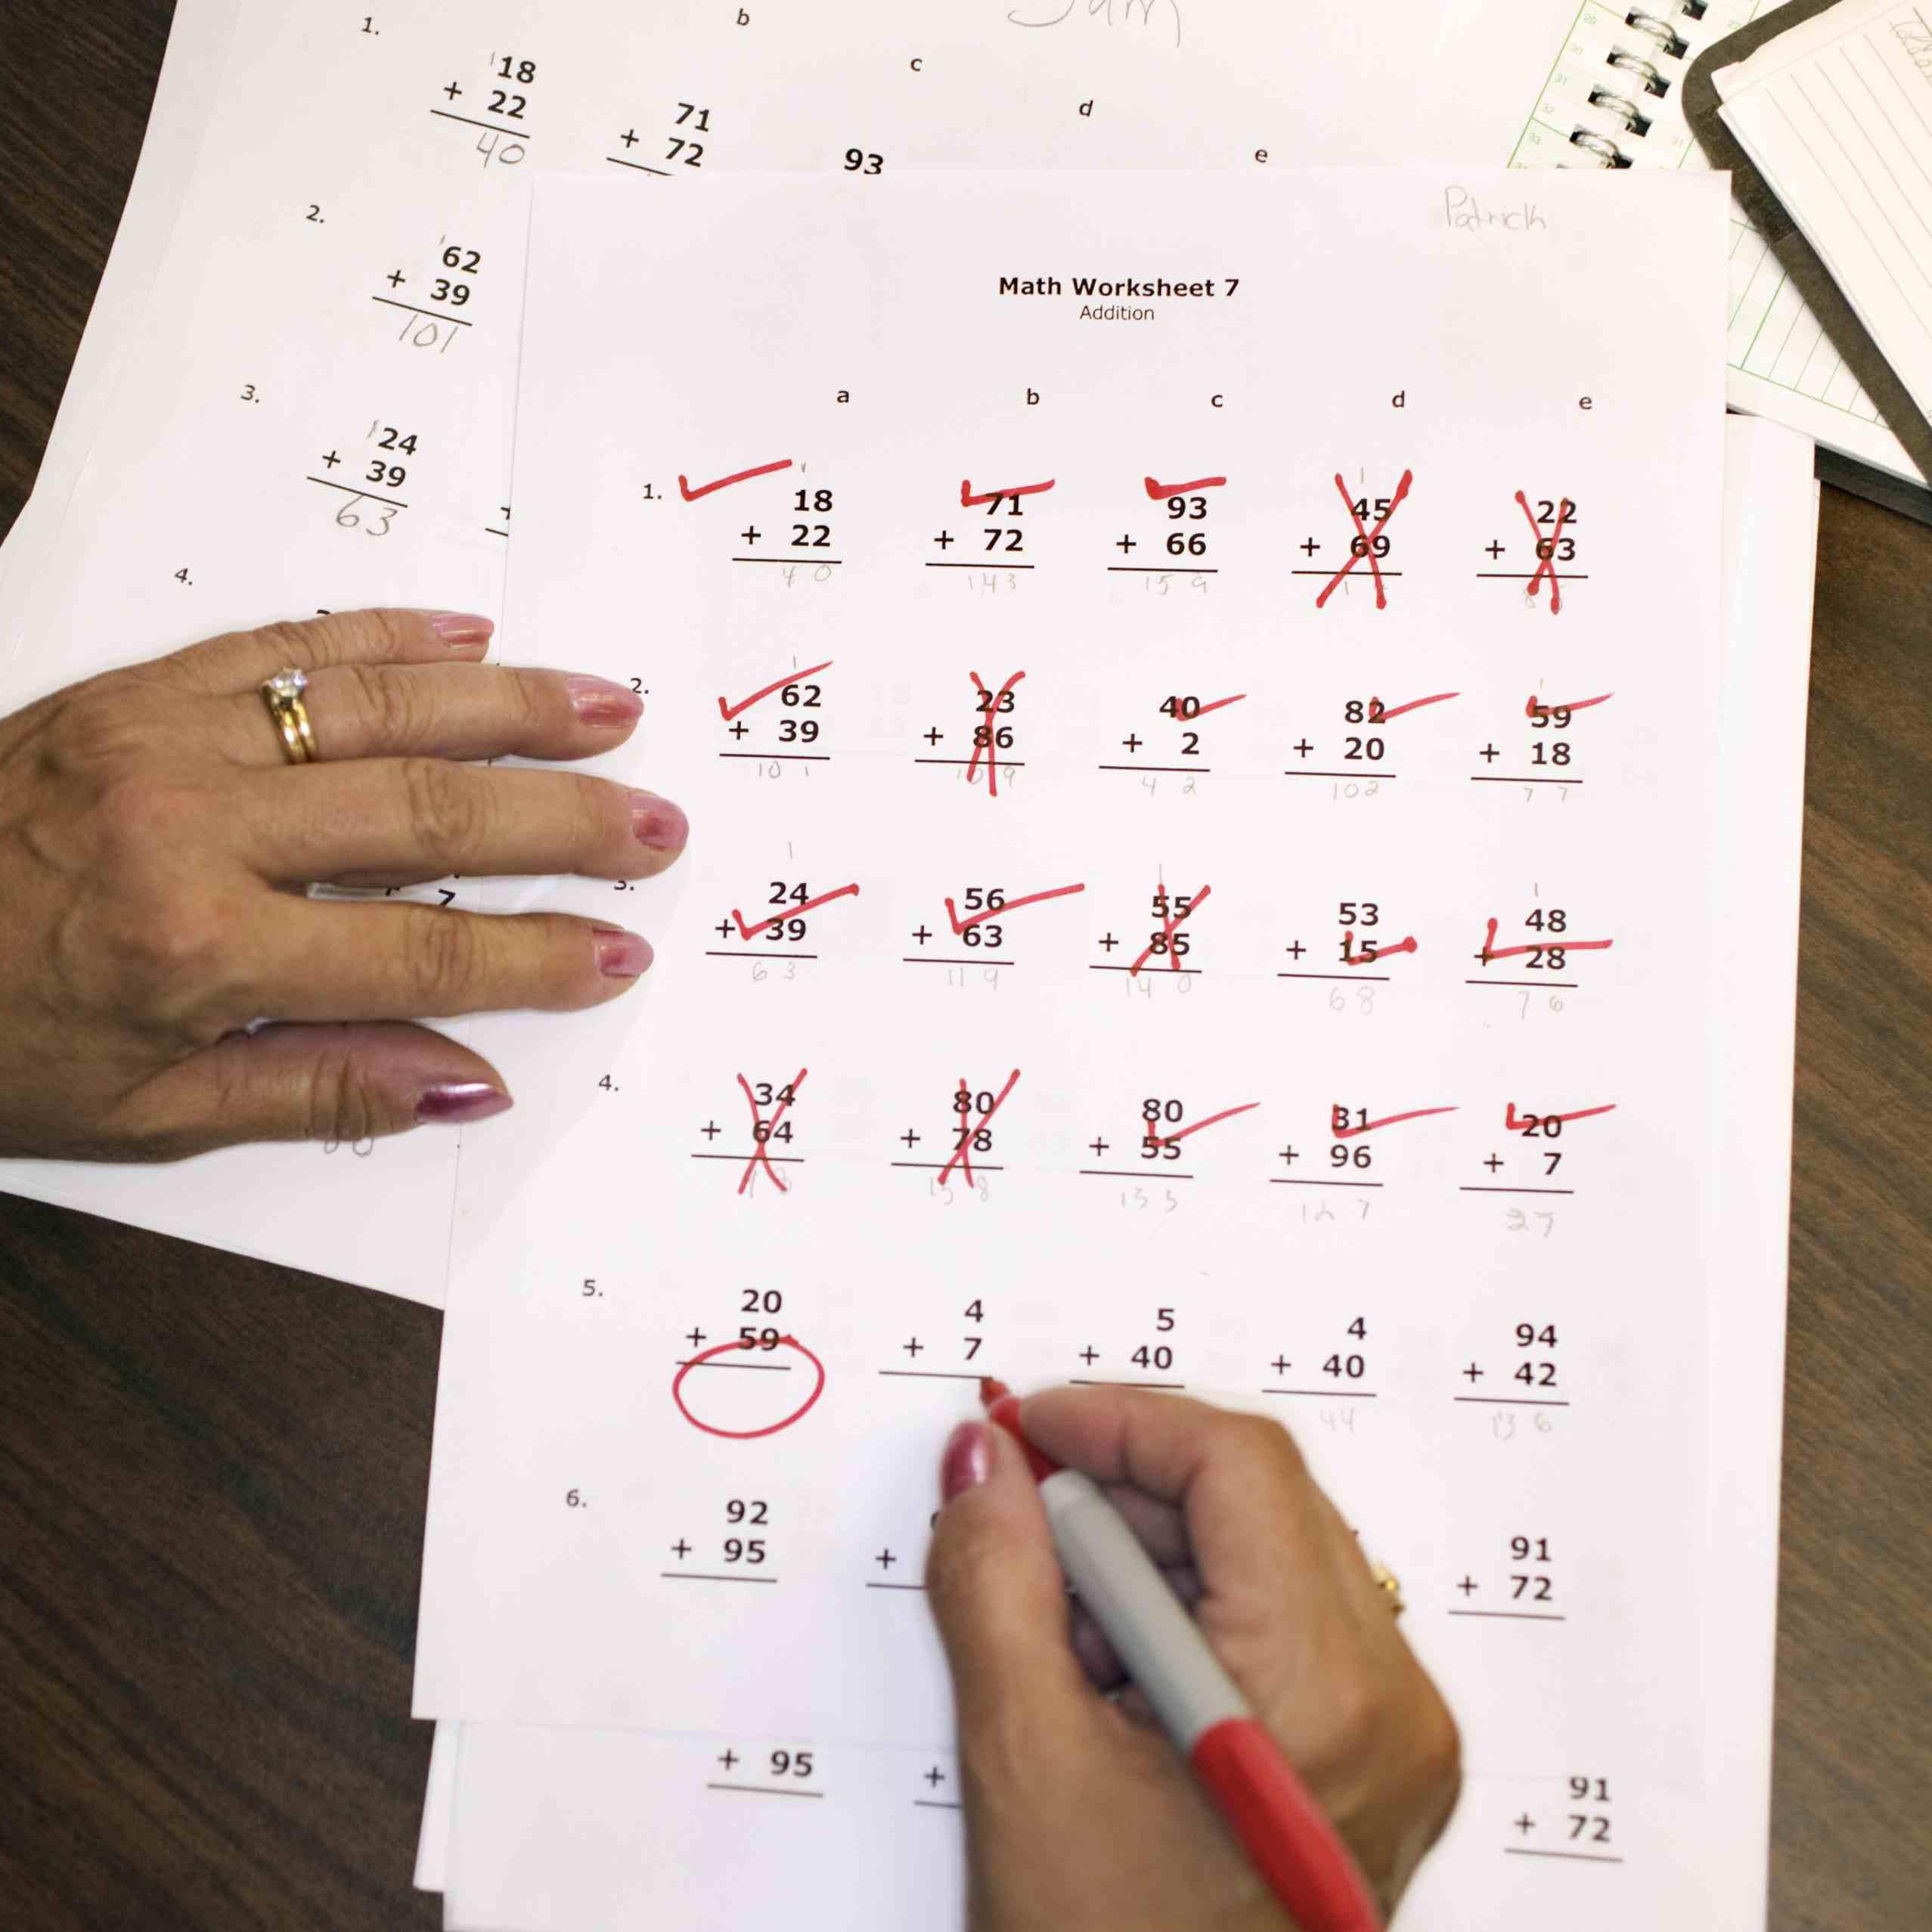 Teacher grading math homework